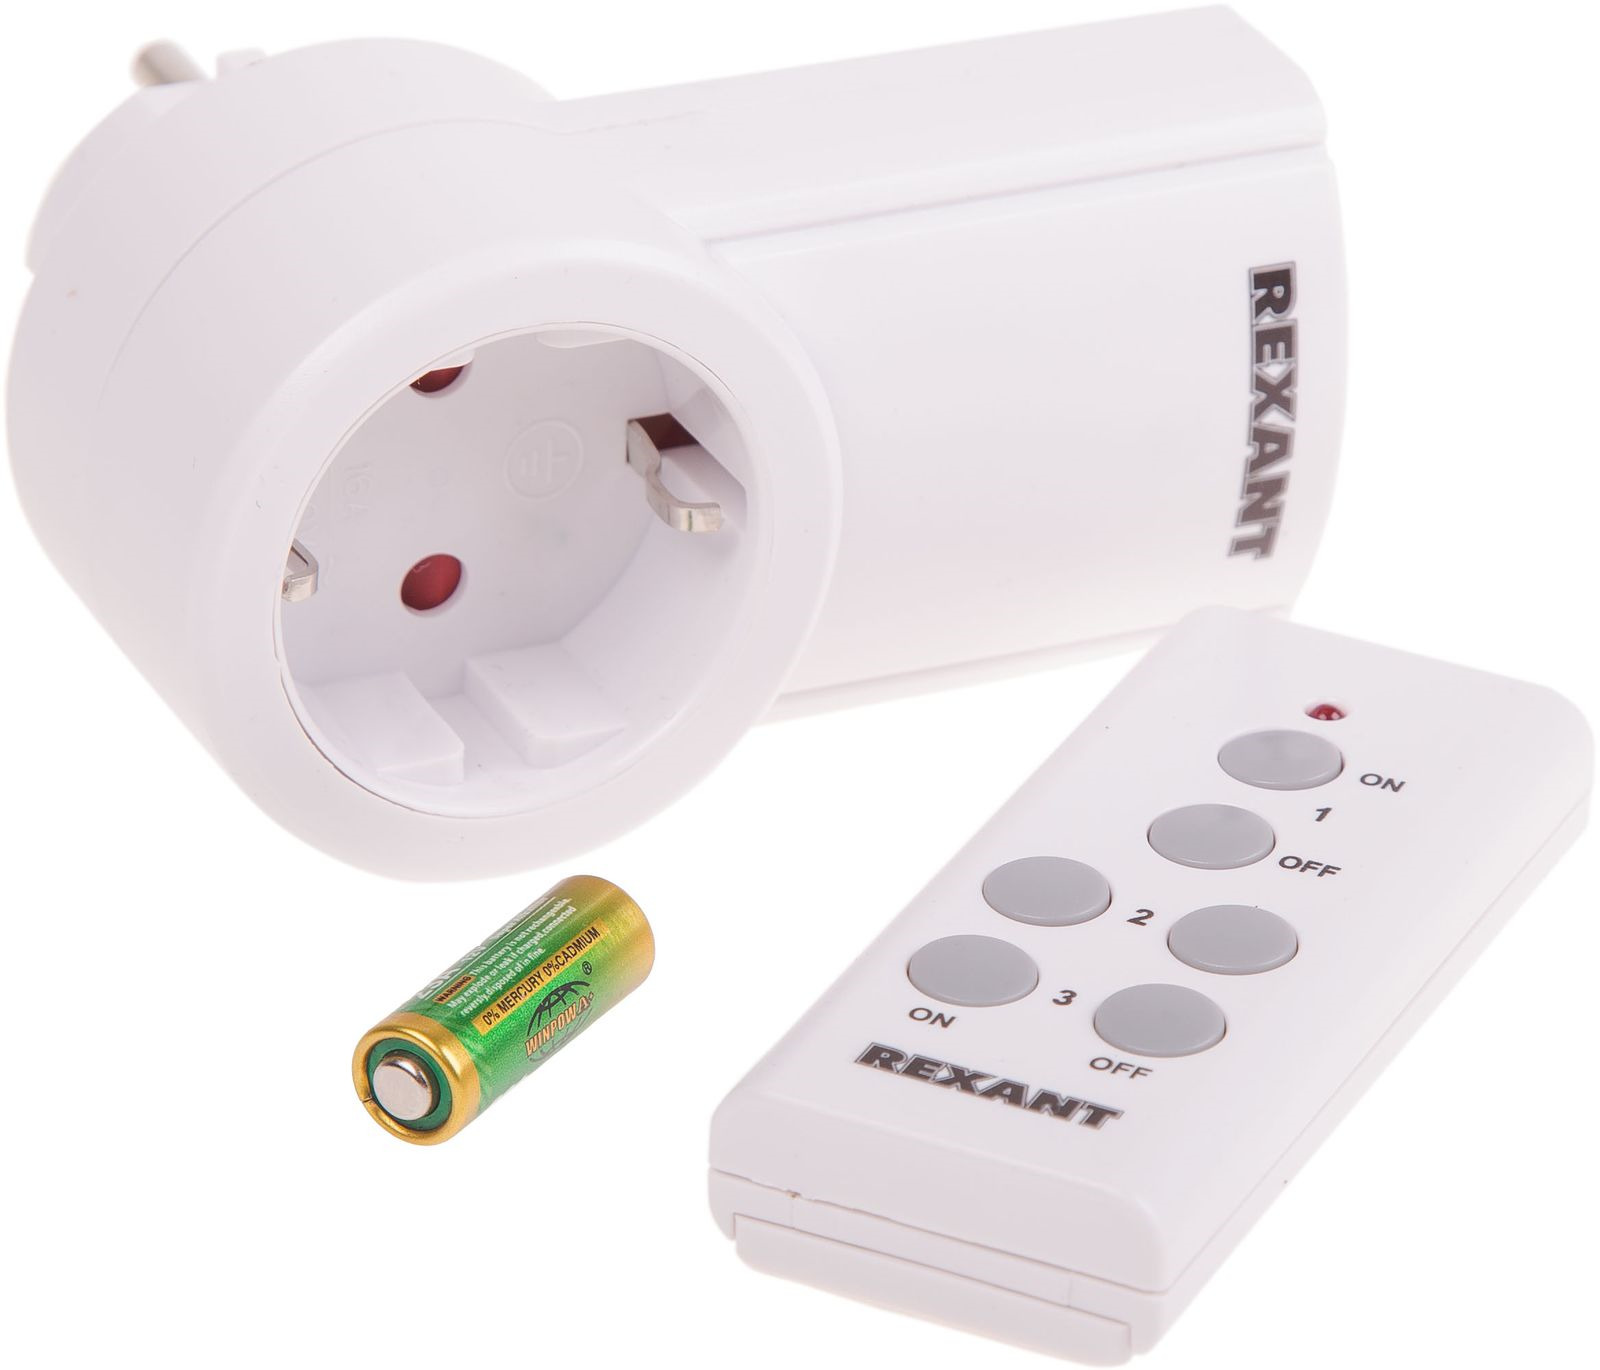 Розетка радиоуправляемая Rexant RX-001, беспроводная + Пульт ДУ, 10-6020, белый пульт ду rexant rx 707e 38 0011